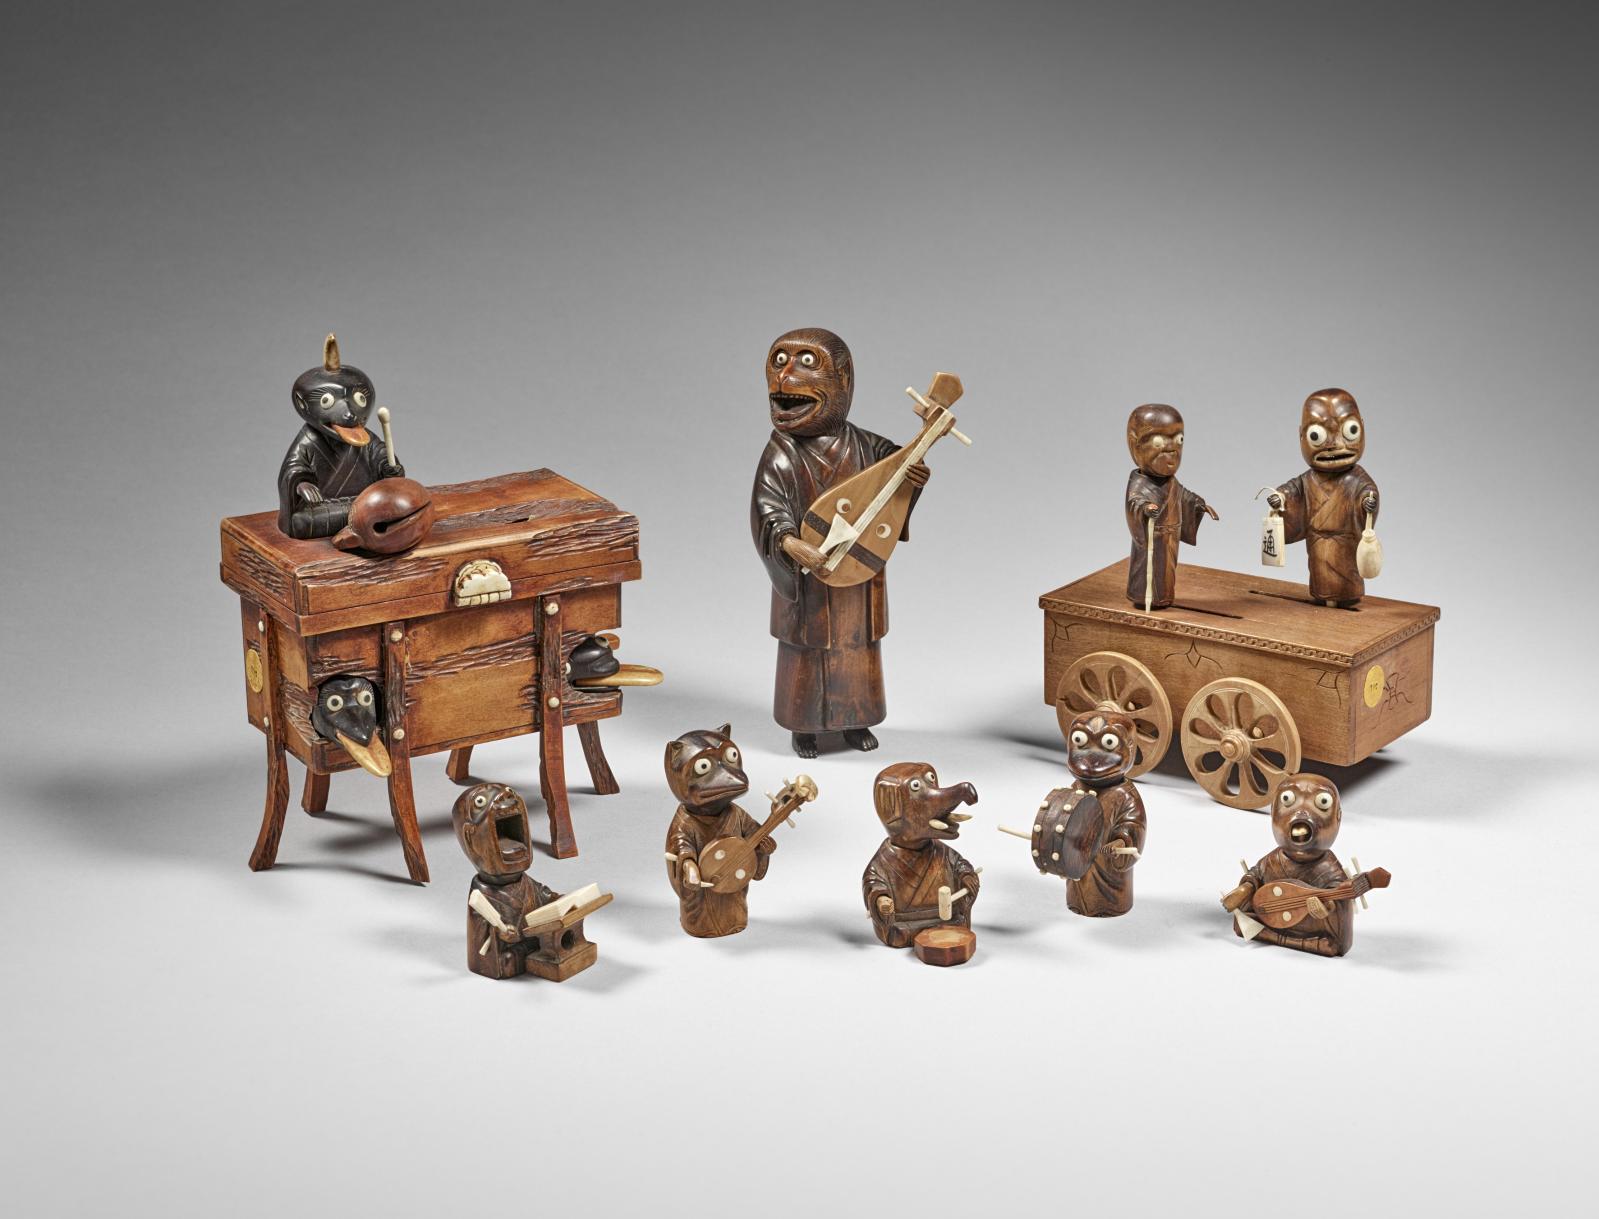 L'orchestre de monstres, en bois et corne, datant de la seconde moitié du XIXe siècle, est sorti du musée d'Ennery pour être montré à l'exposition du